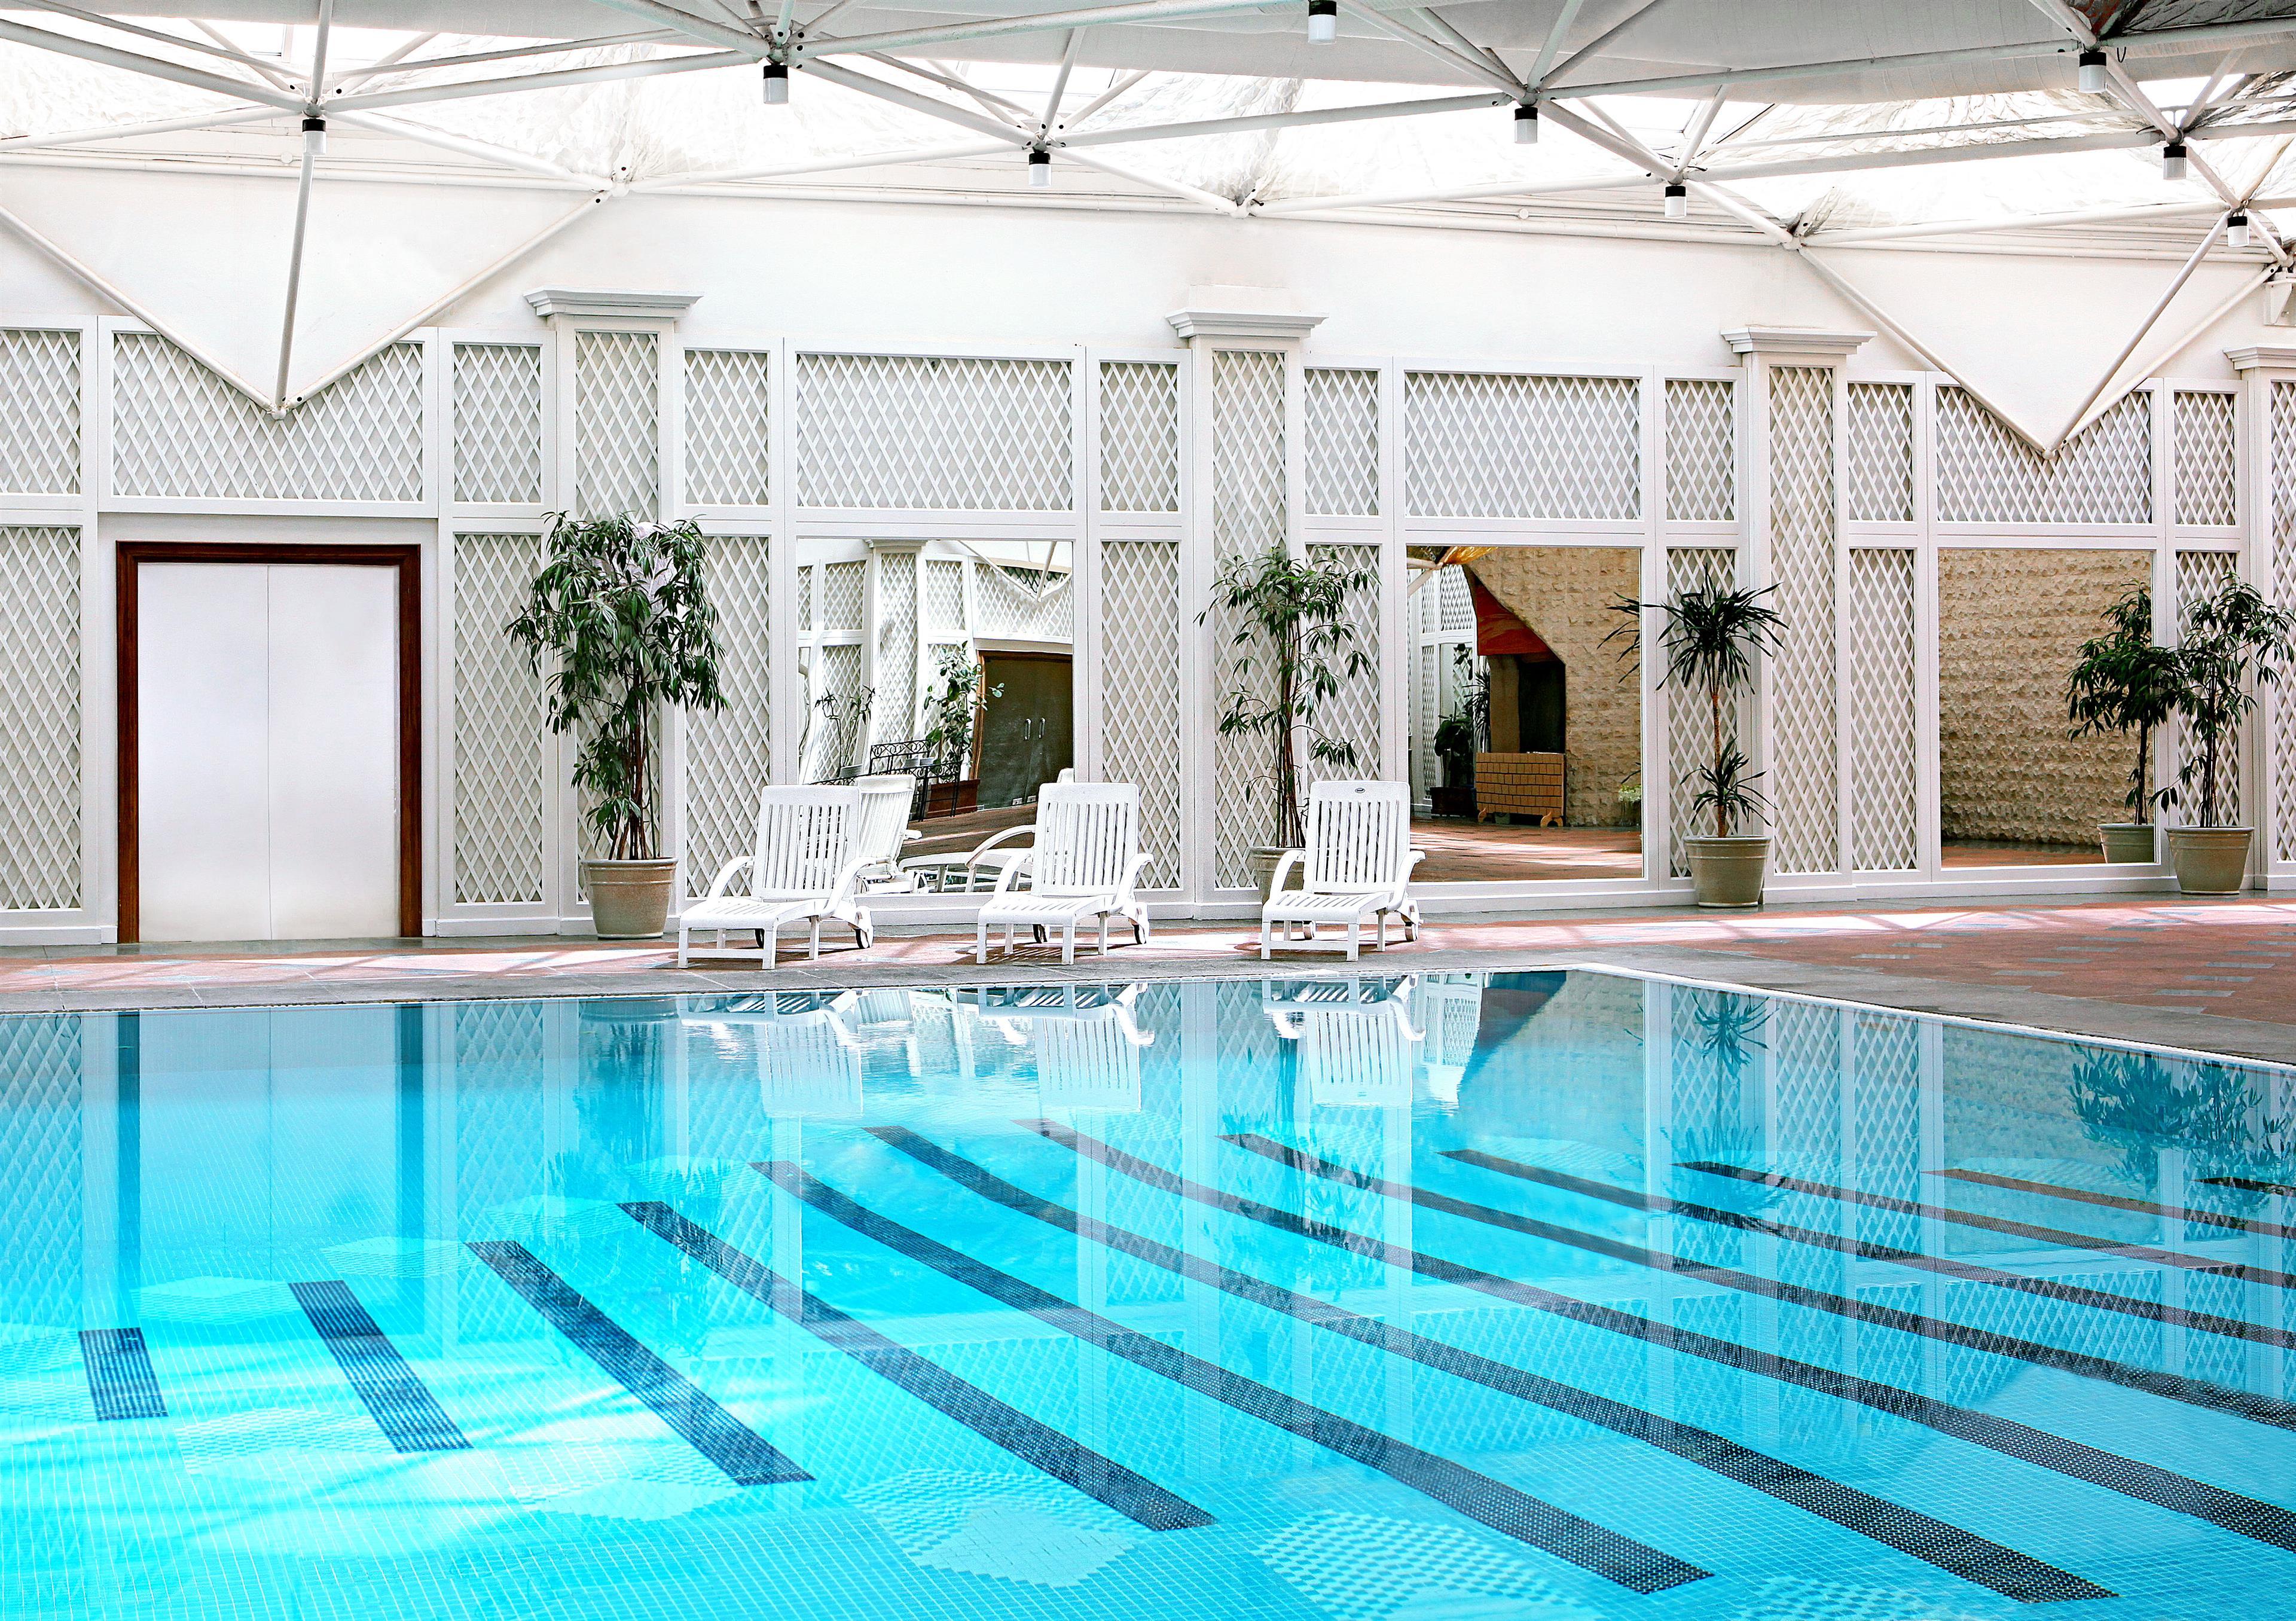 Sheraton riyadh hotel towers hotels riyadh olaya - Hotels in riyadh with swimming pools ...